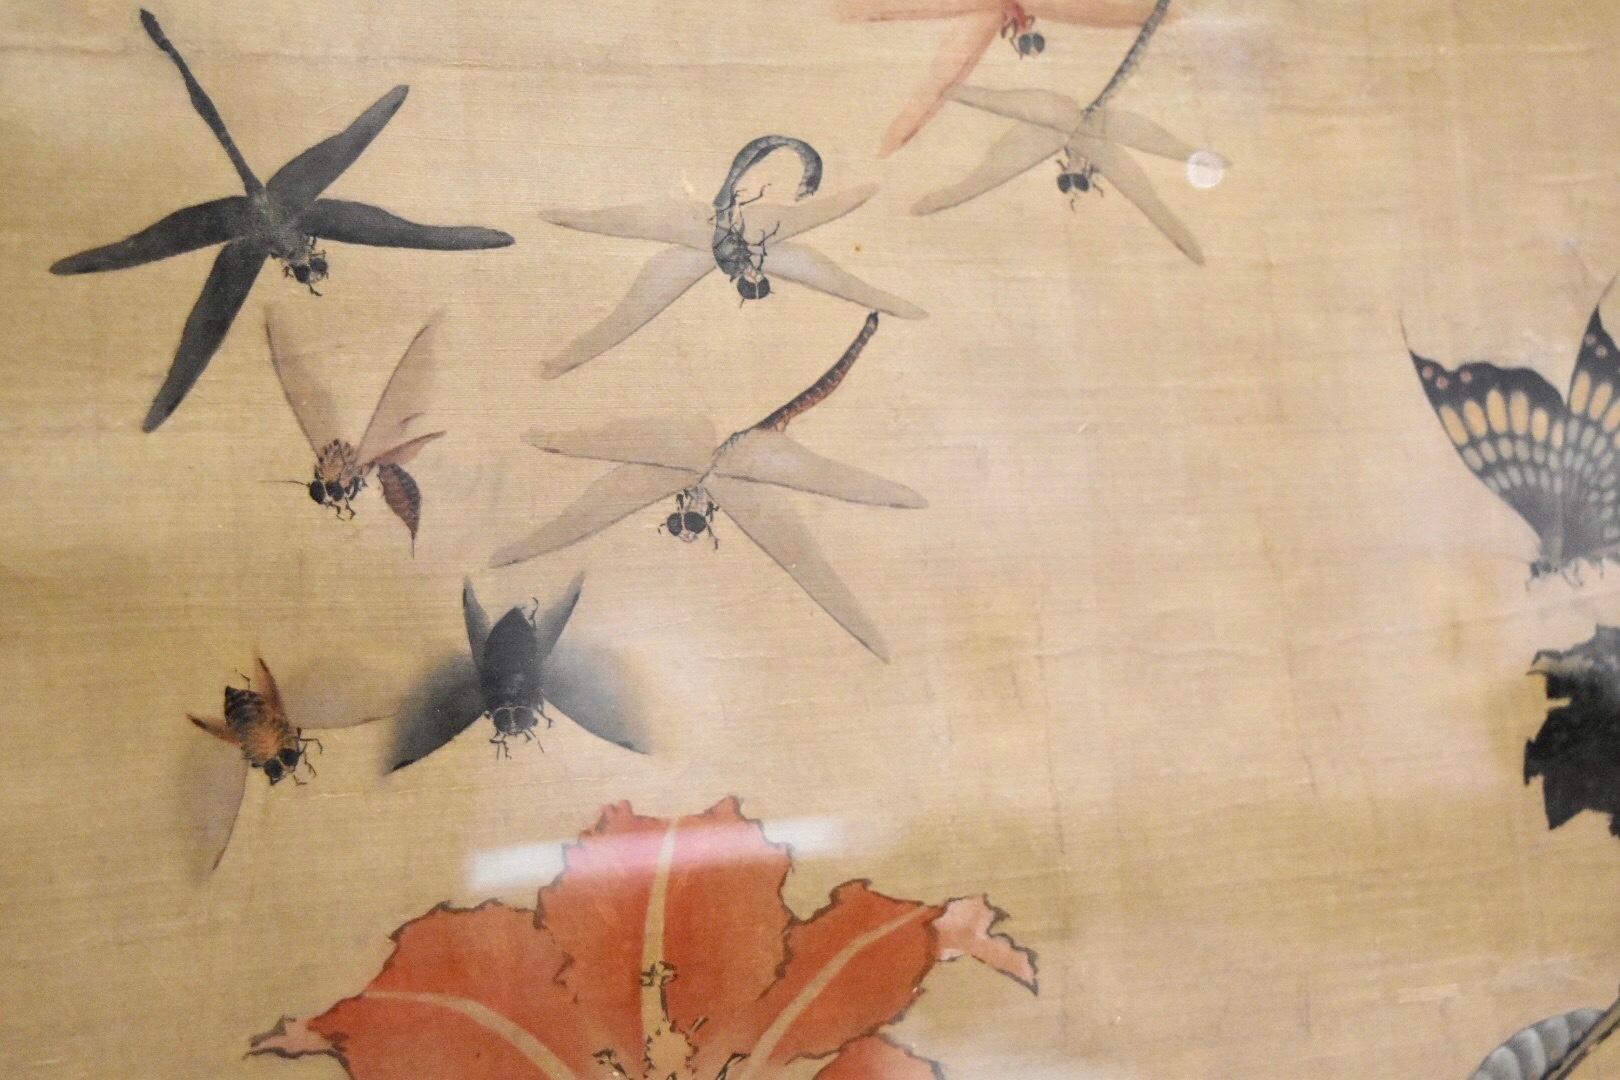 葛飾北斎 《南瓜花群虫図》(部分) 天保14年(1843)すみだ北斎美術館所蔵